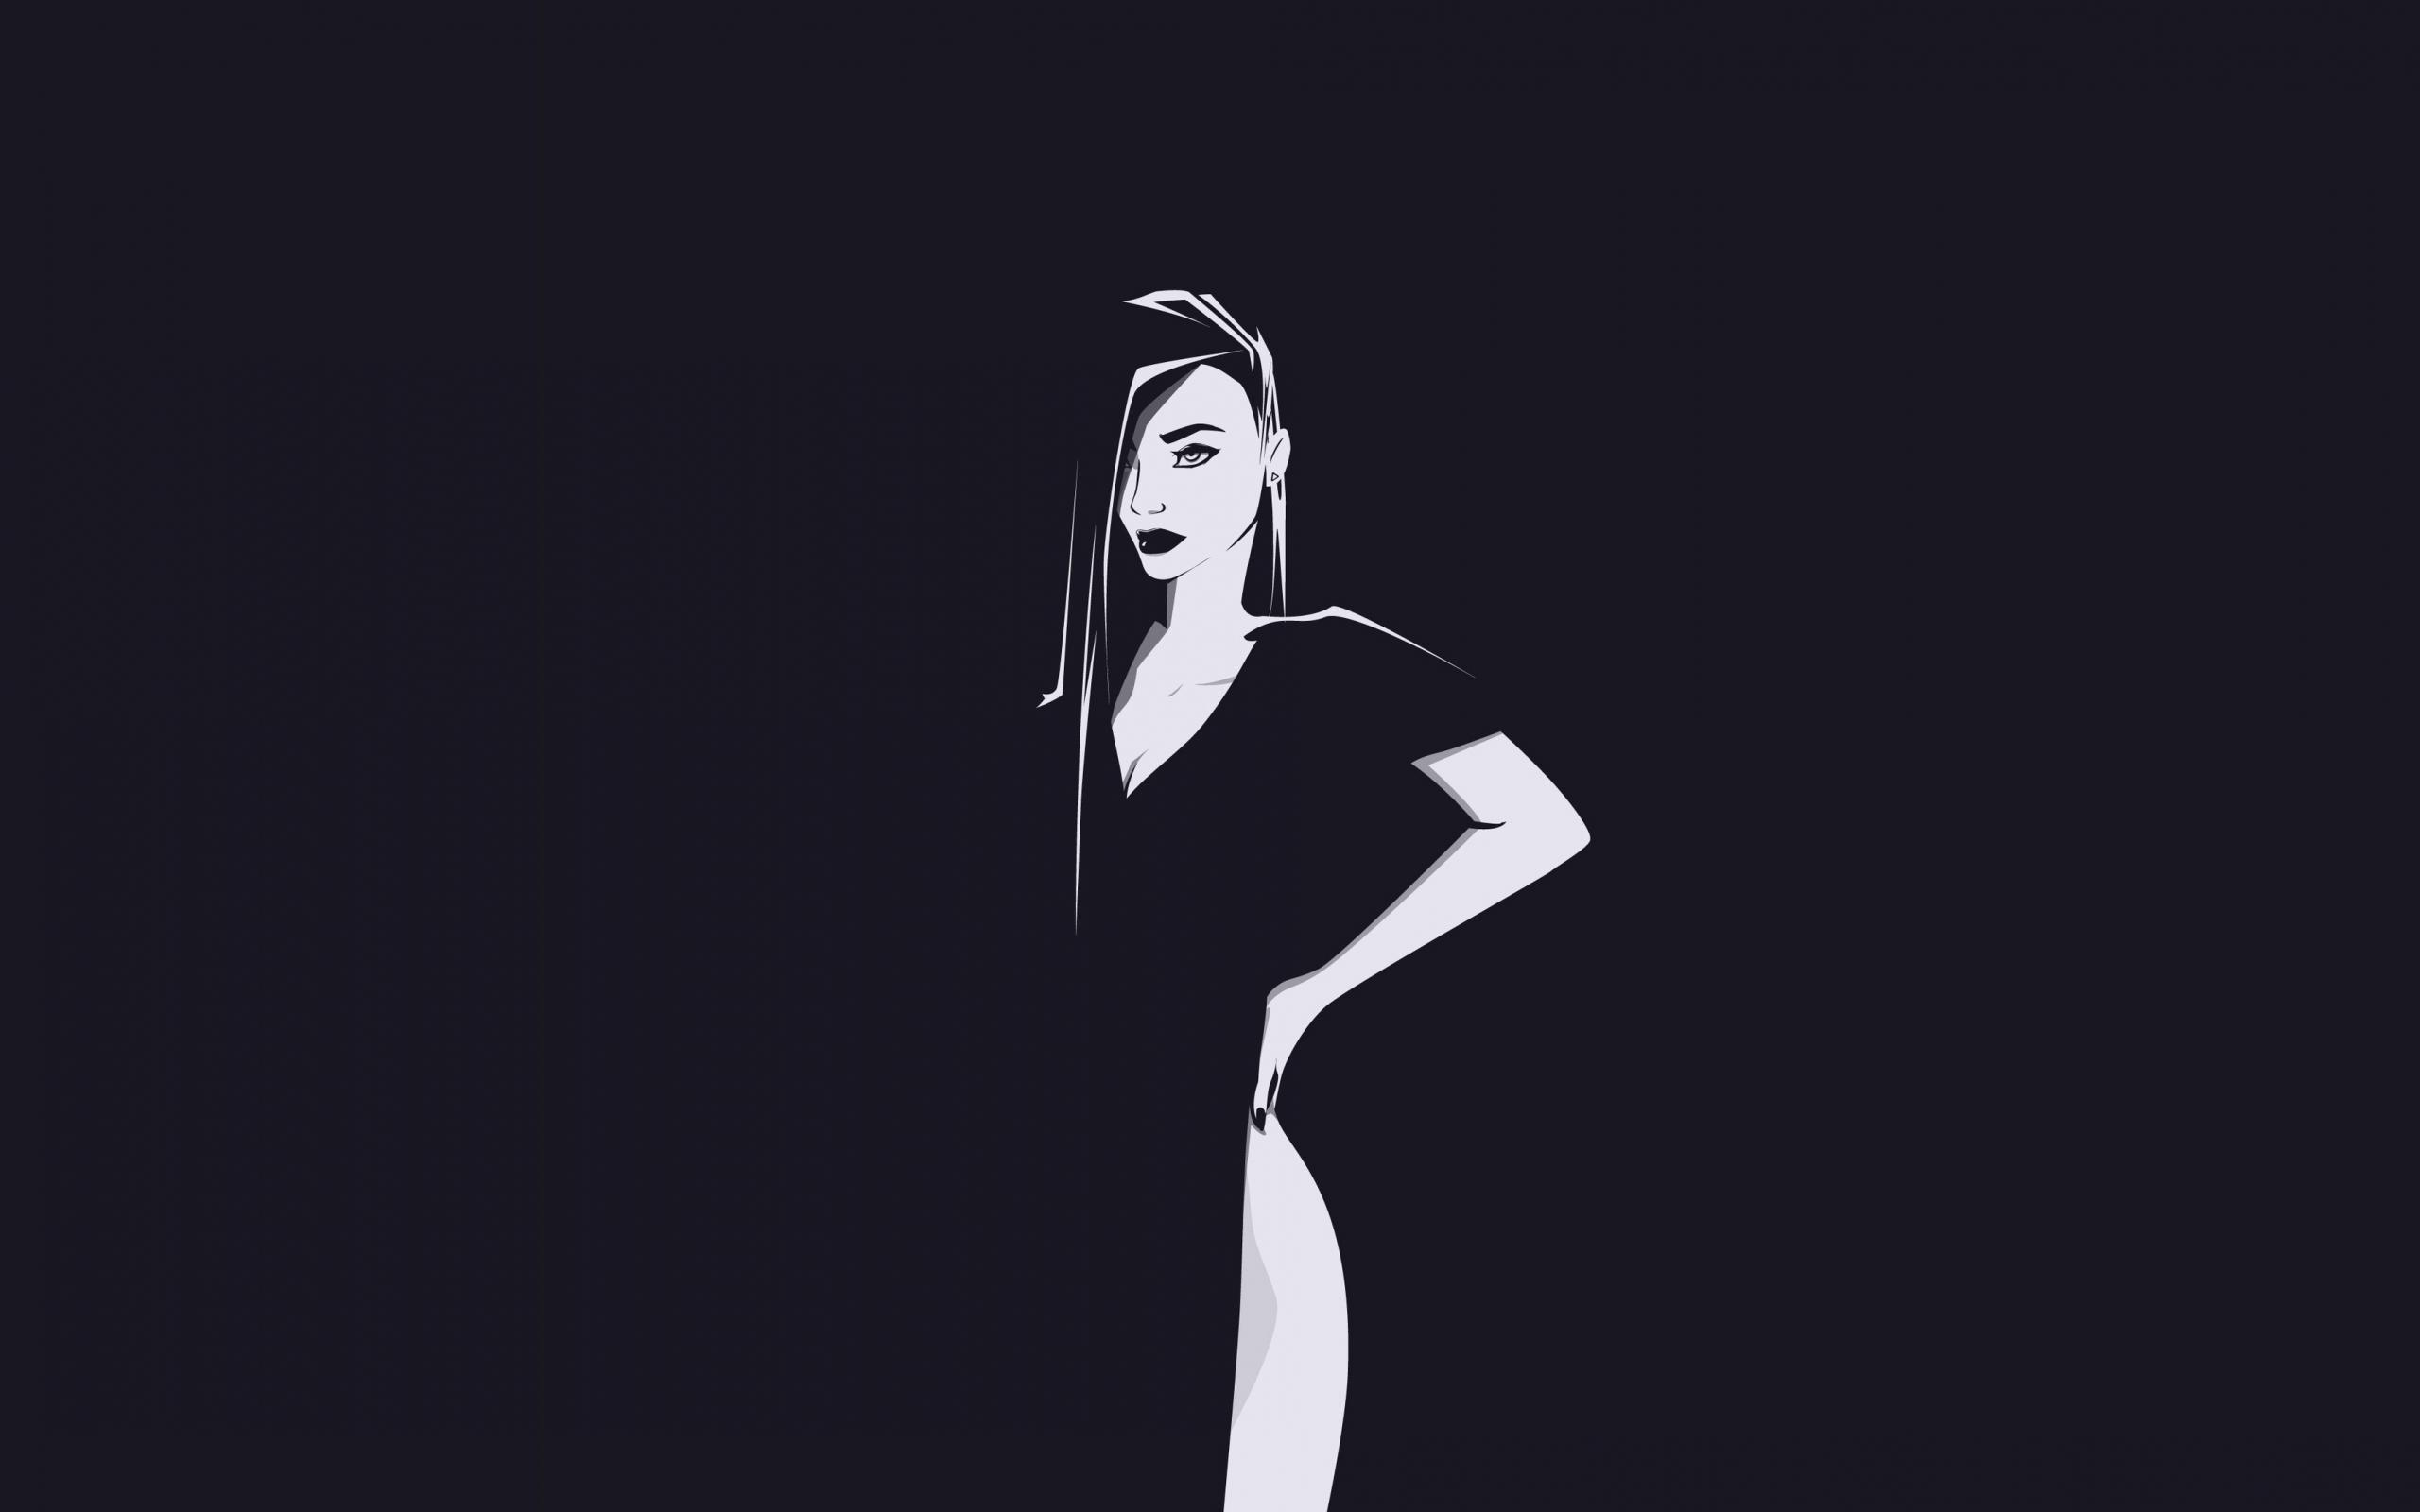 Minimal, urban woman, art, 2560x1600 wallpaper